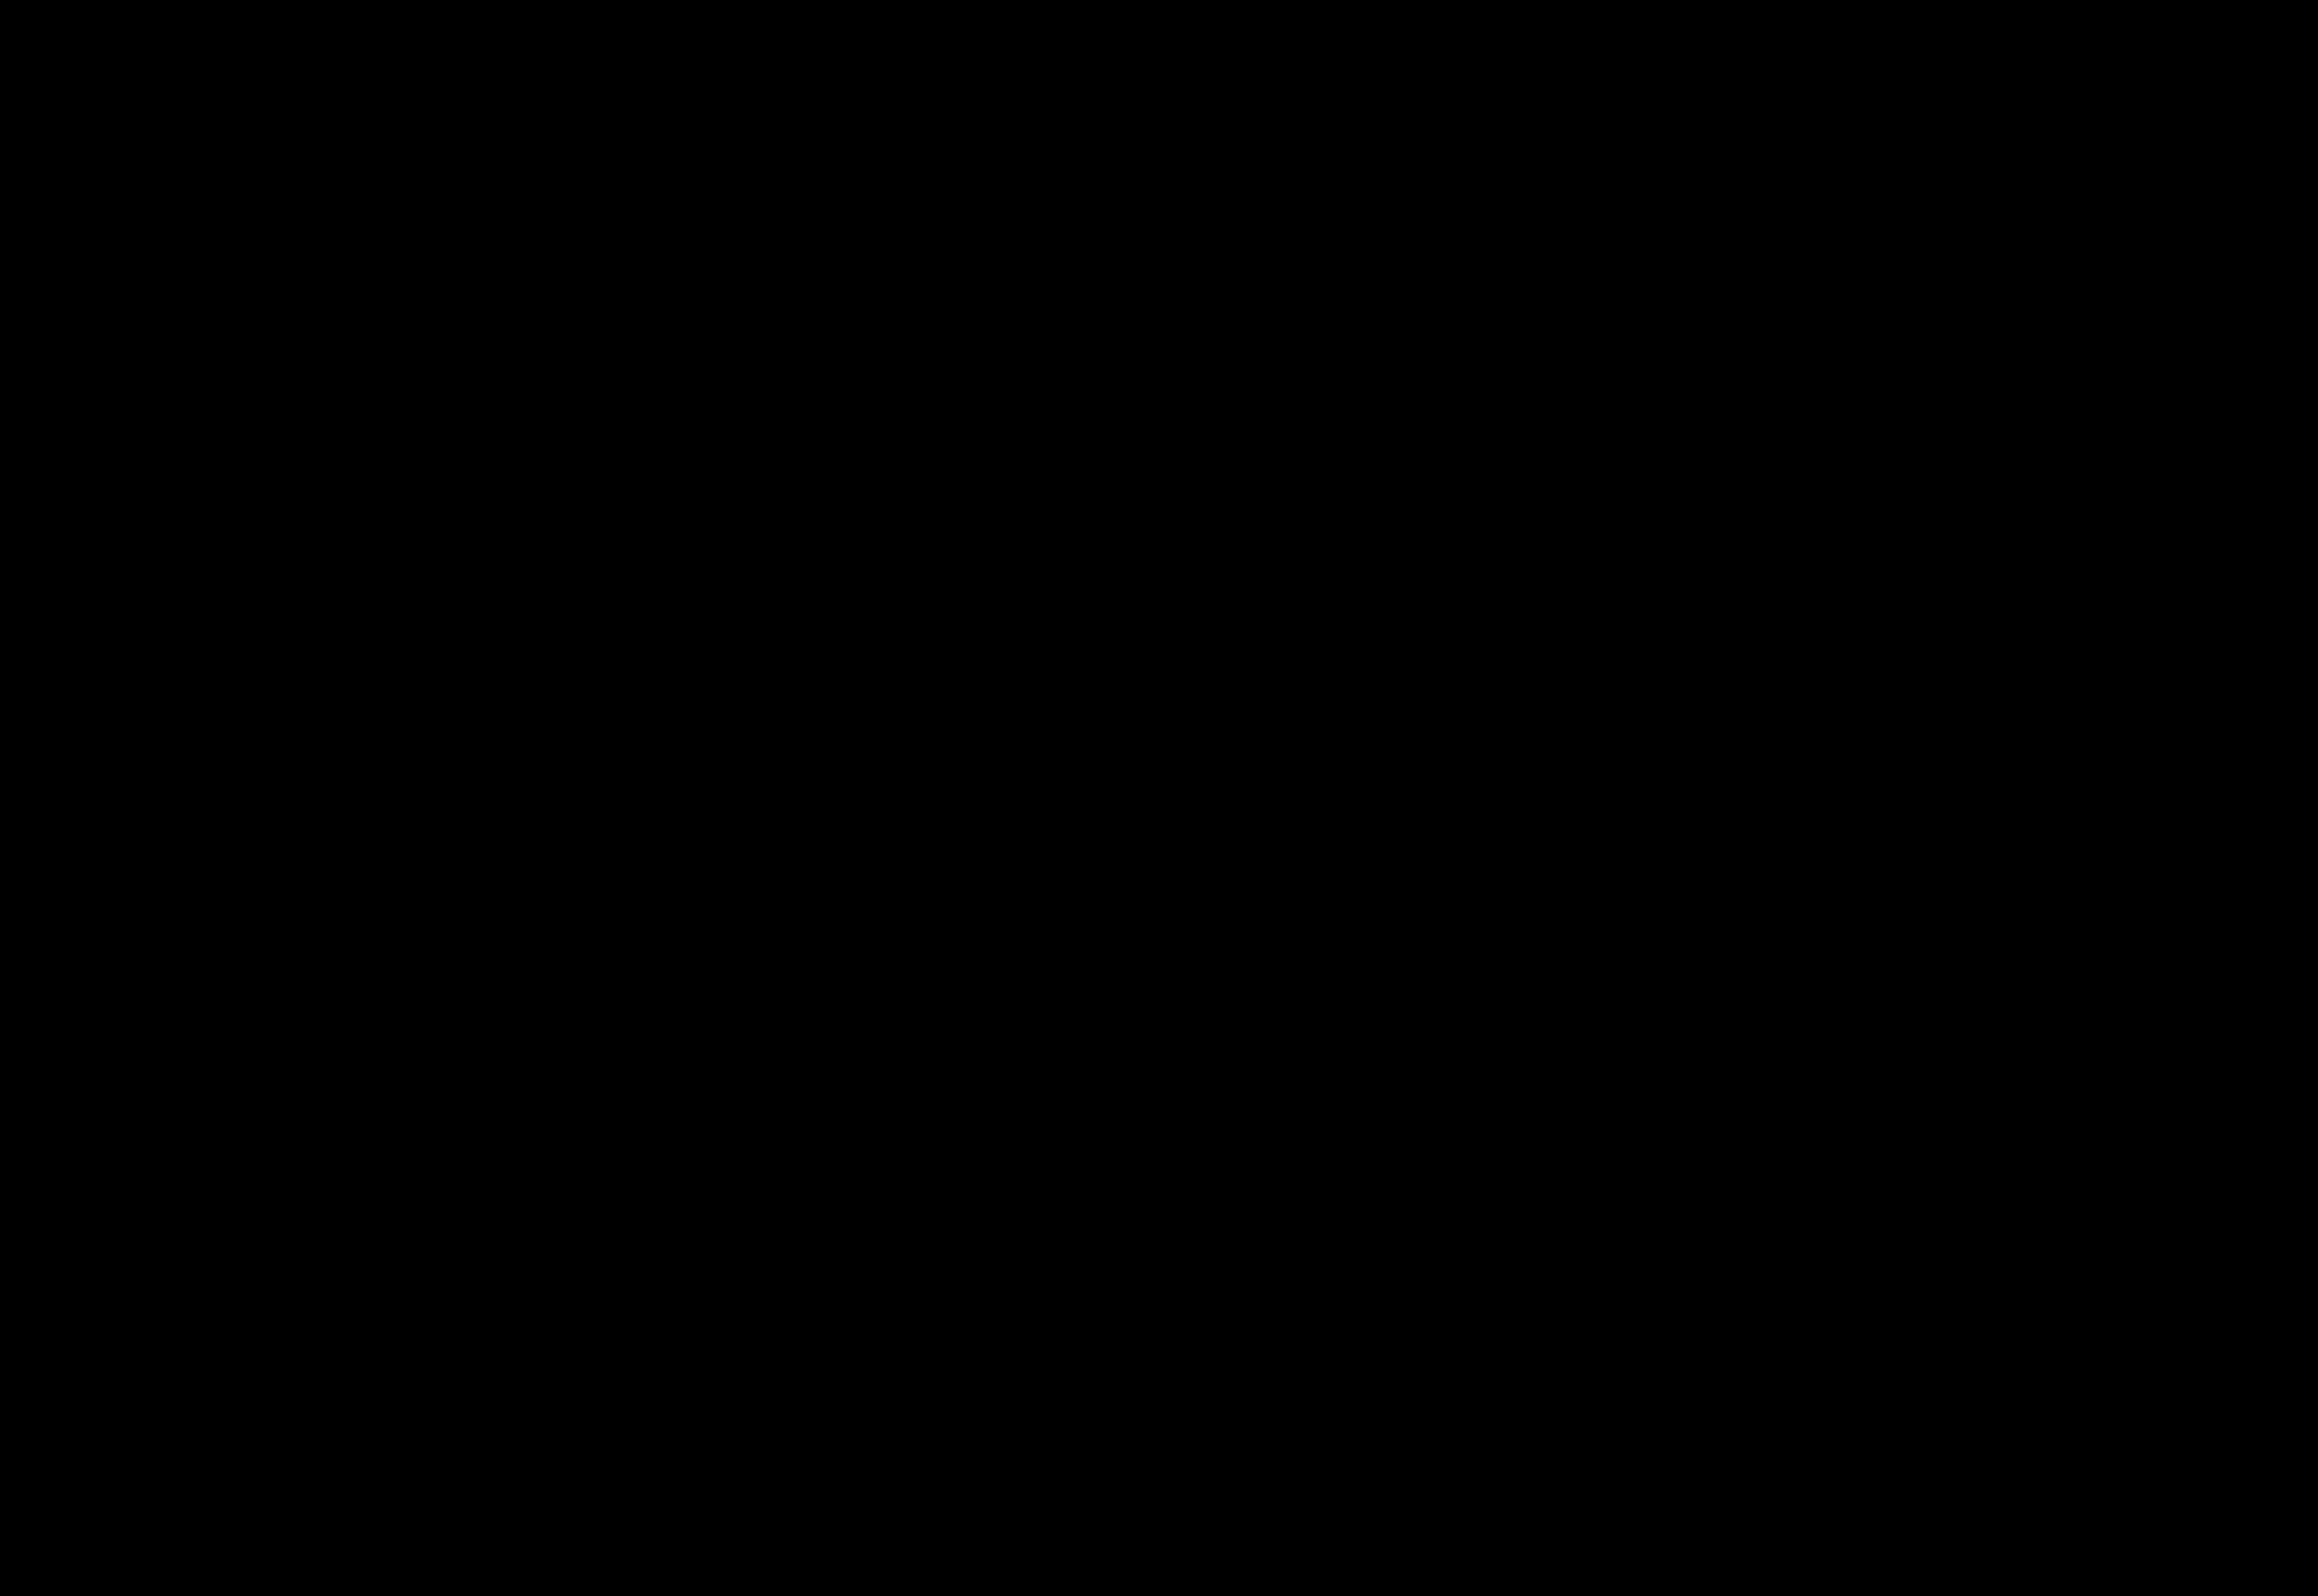 Veggie Kuche Clevere Ausstattung Fur Gesundes Und Vitales Kochen Kuche Co